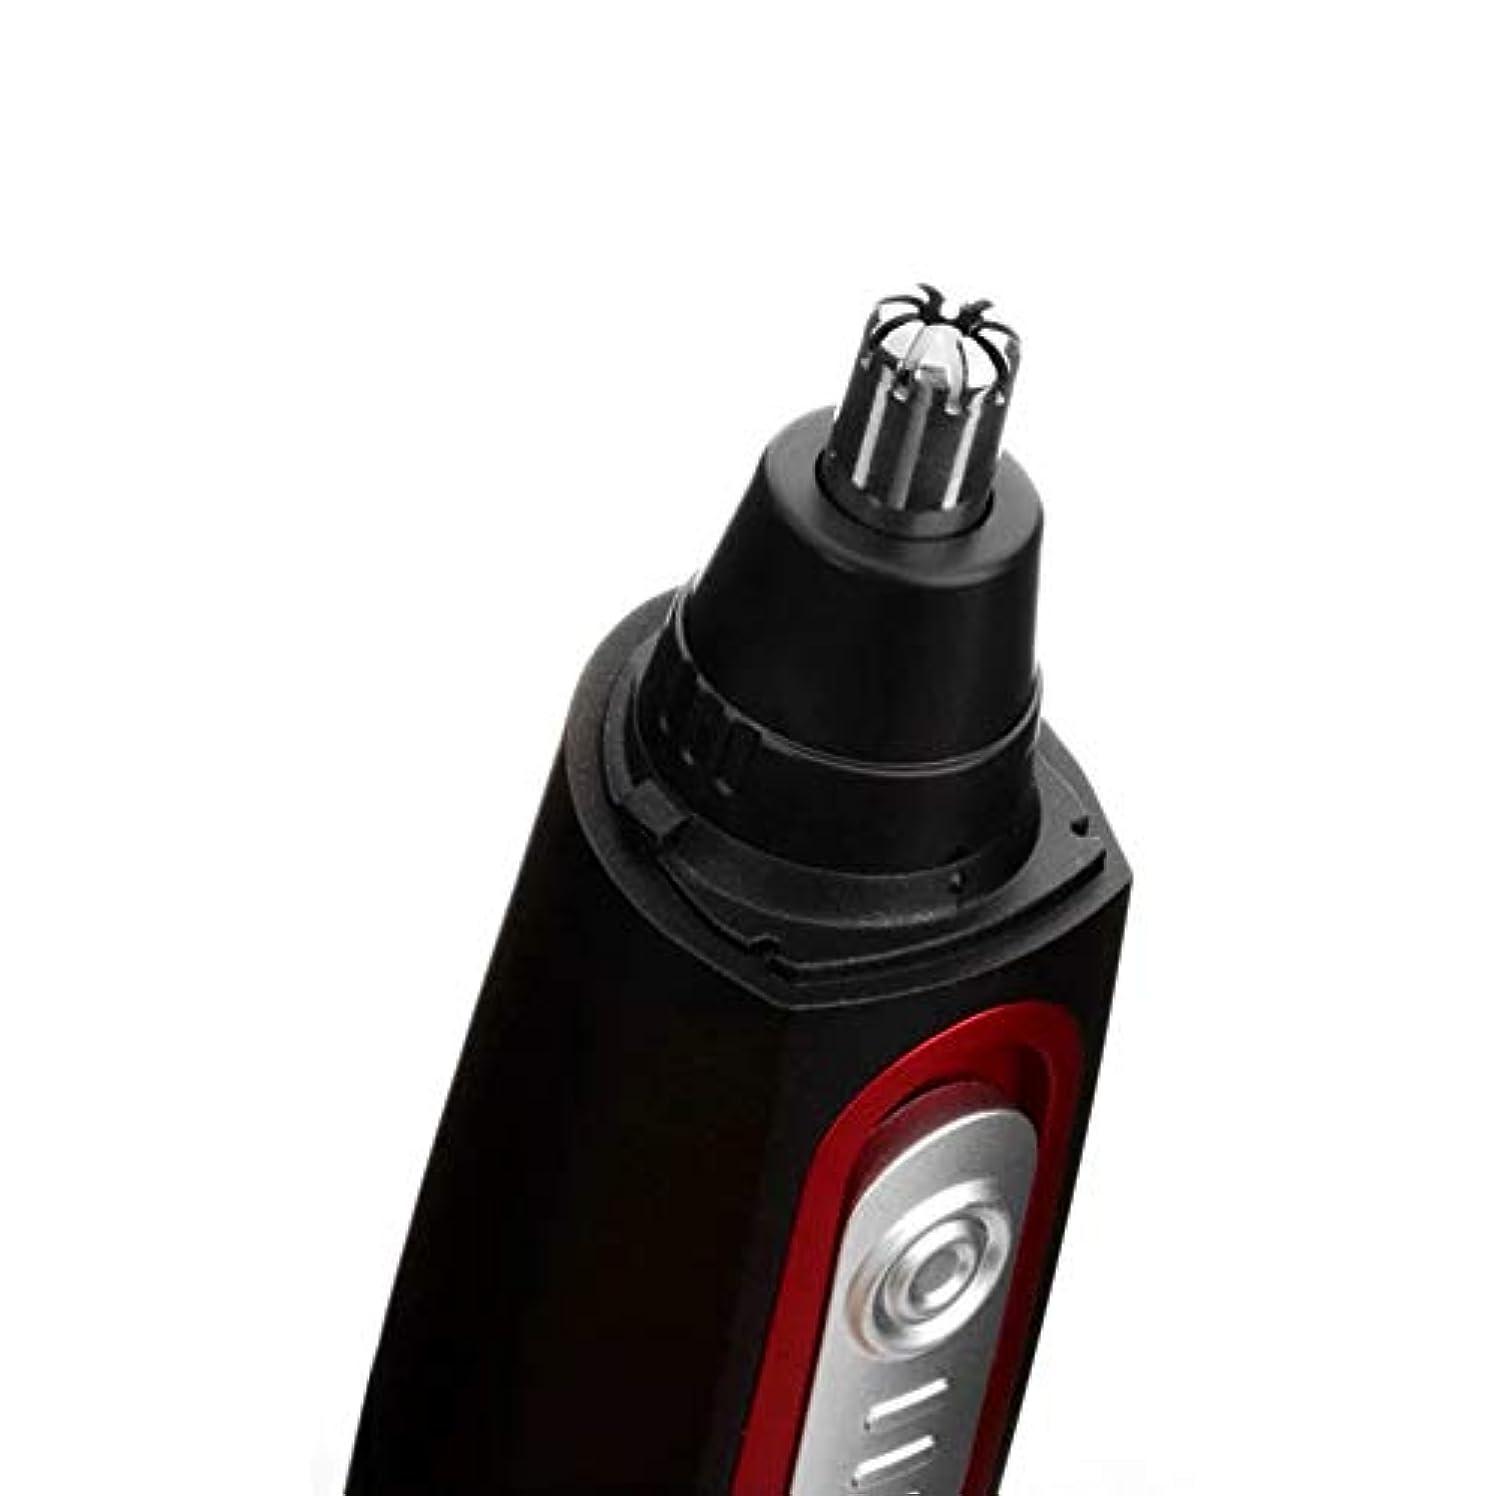 ボタン流用するぬれたノーズヘアトリマー/メンズシェービングノーズヘアスクレーピングノーズヘアハサミ/ 360°効果的なキャプチャー/三次元ロータリーカッターヘッドデザイン/ 14cm 持つ価値があります